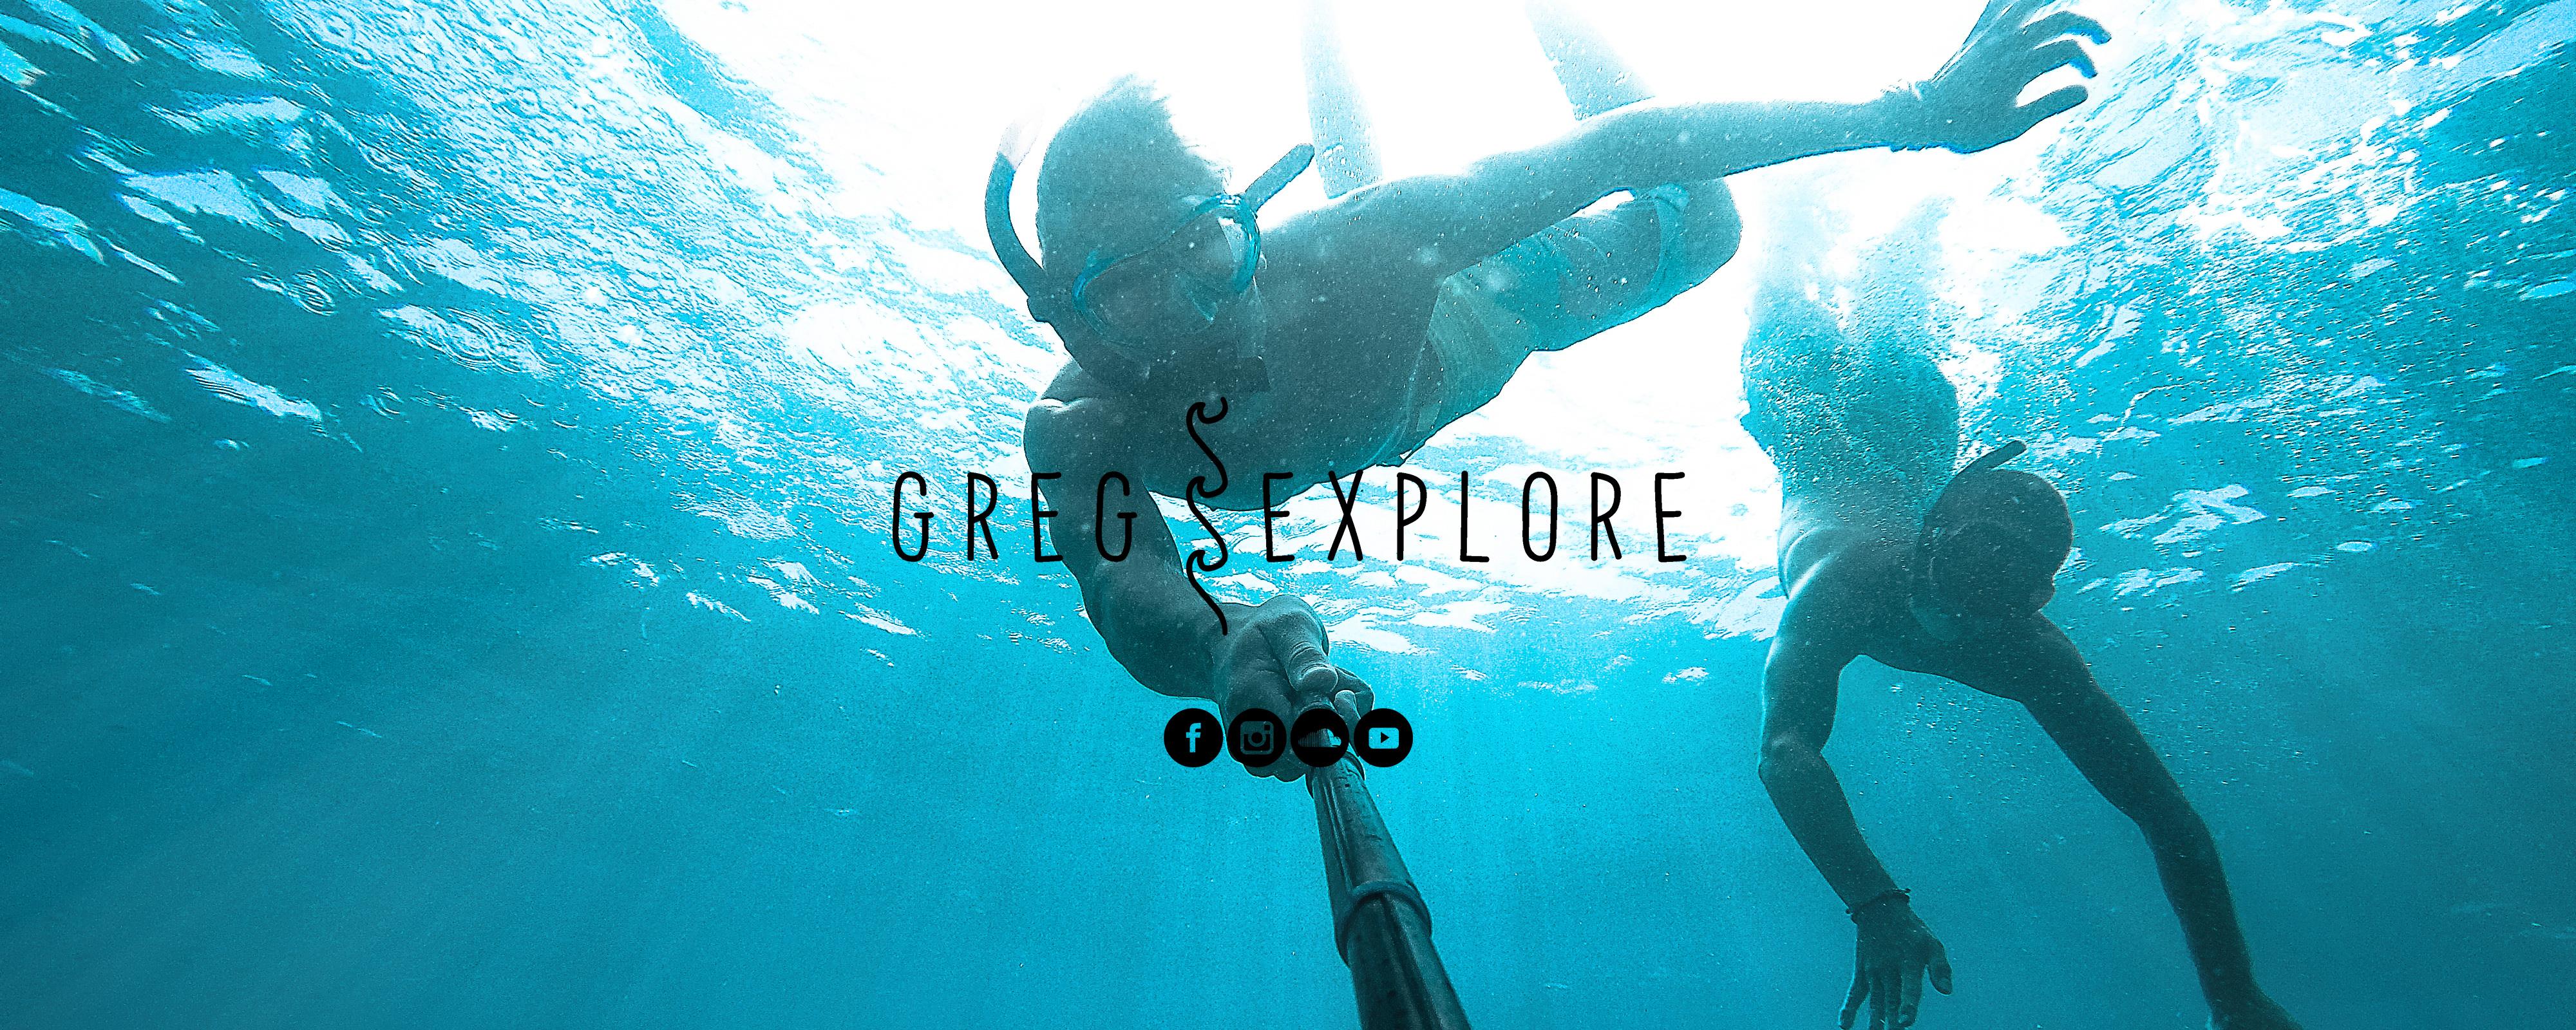 blog de voyage gregexplore